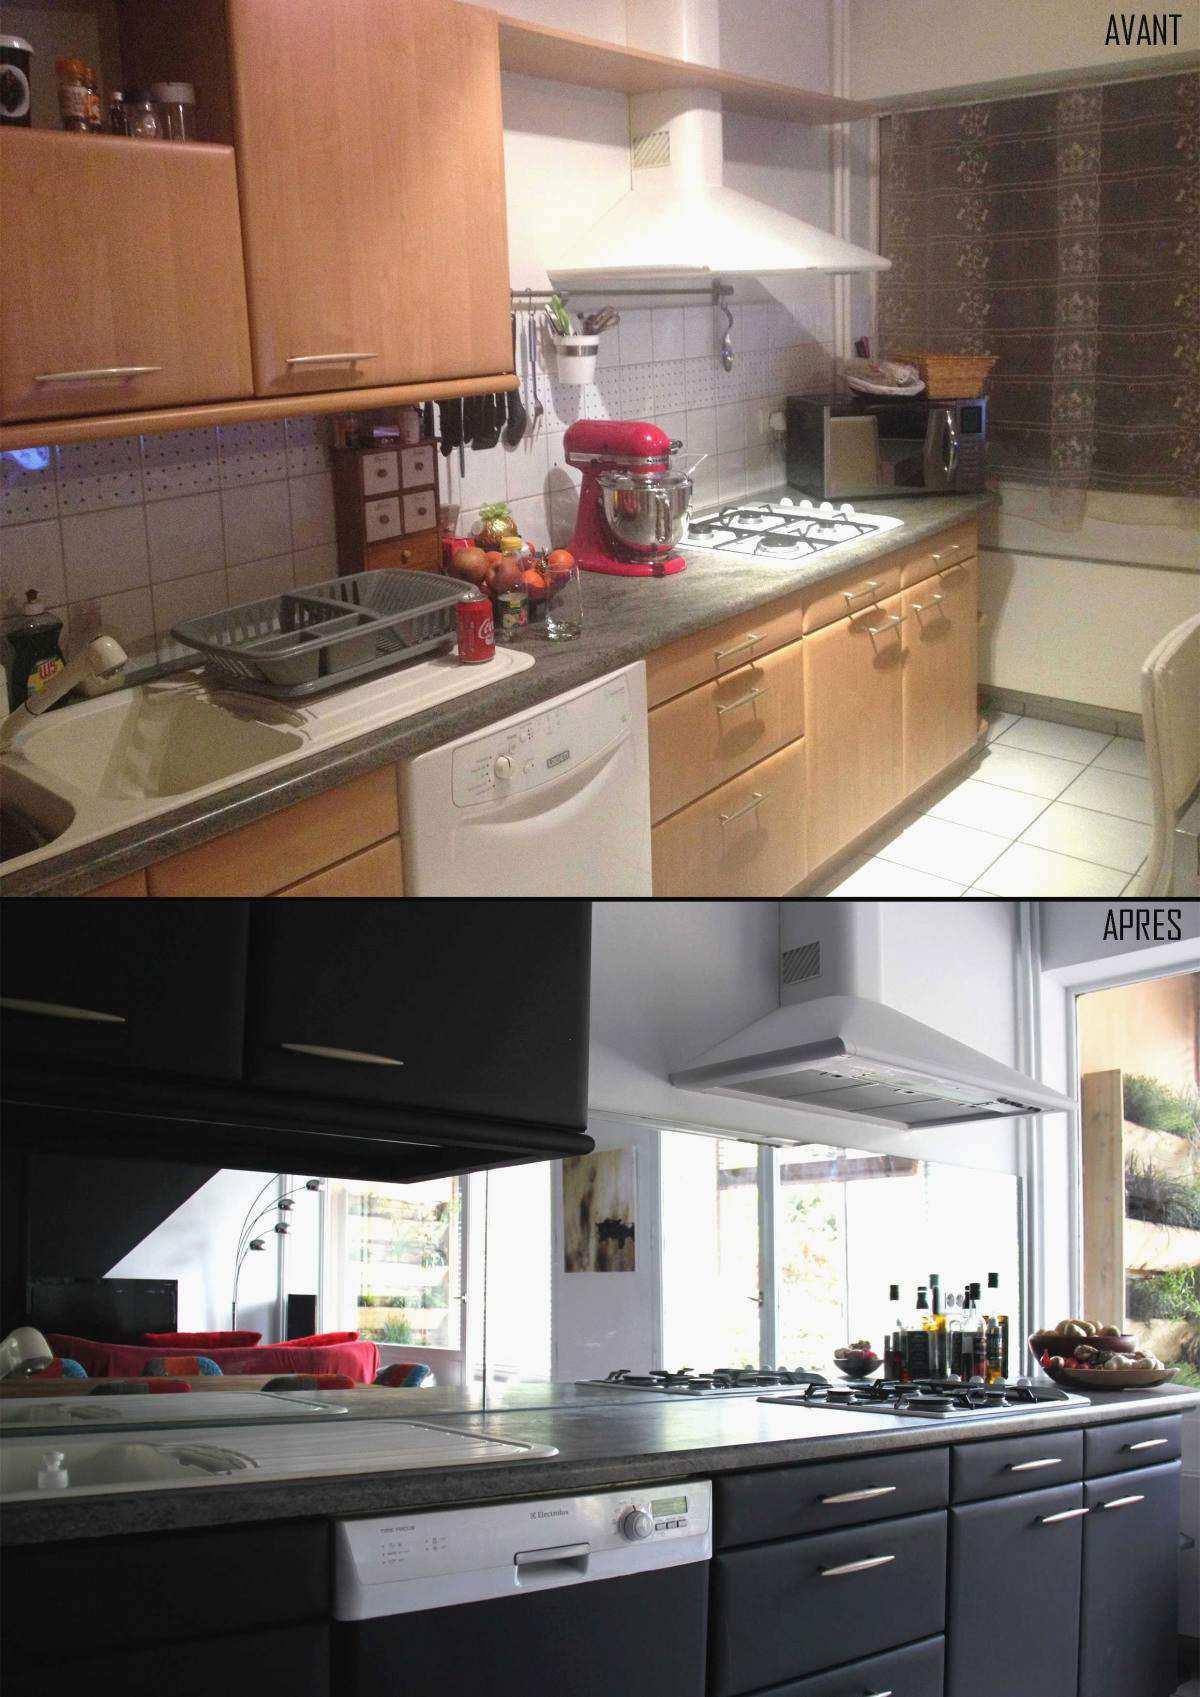 Meuble haut cuisine le bon coin lille maison - Meuble de cuisine occasion le bon coin ...